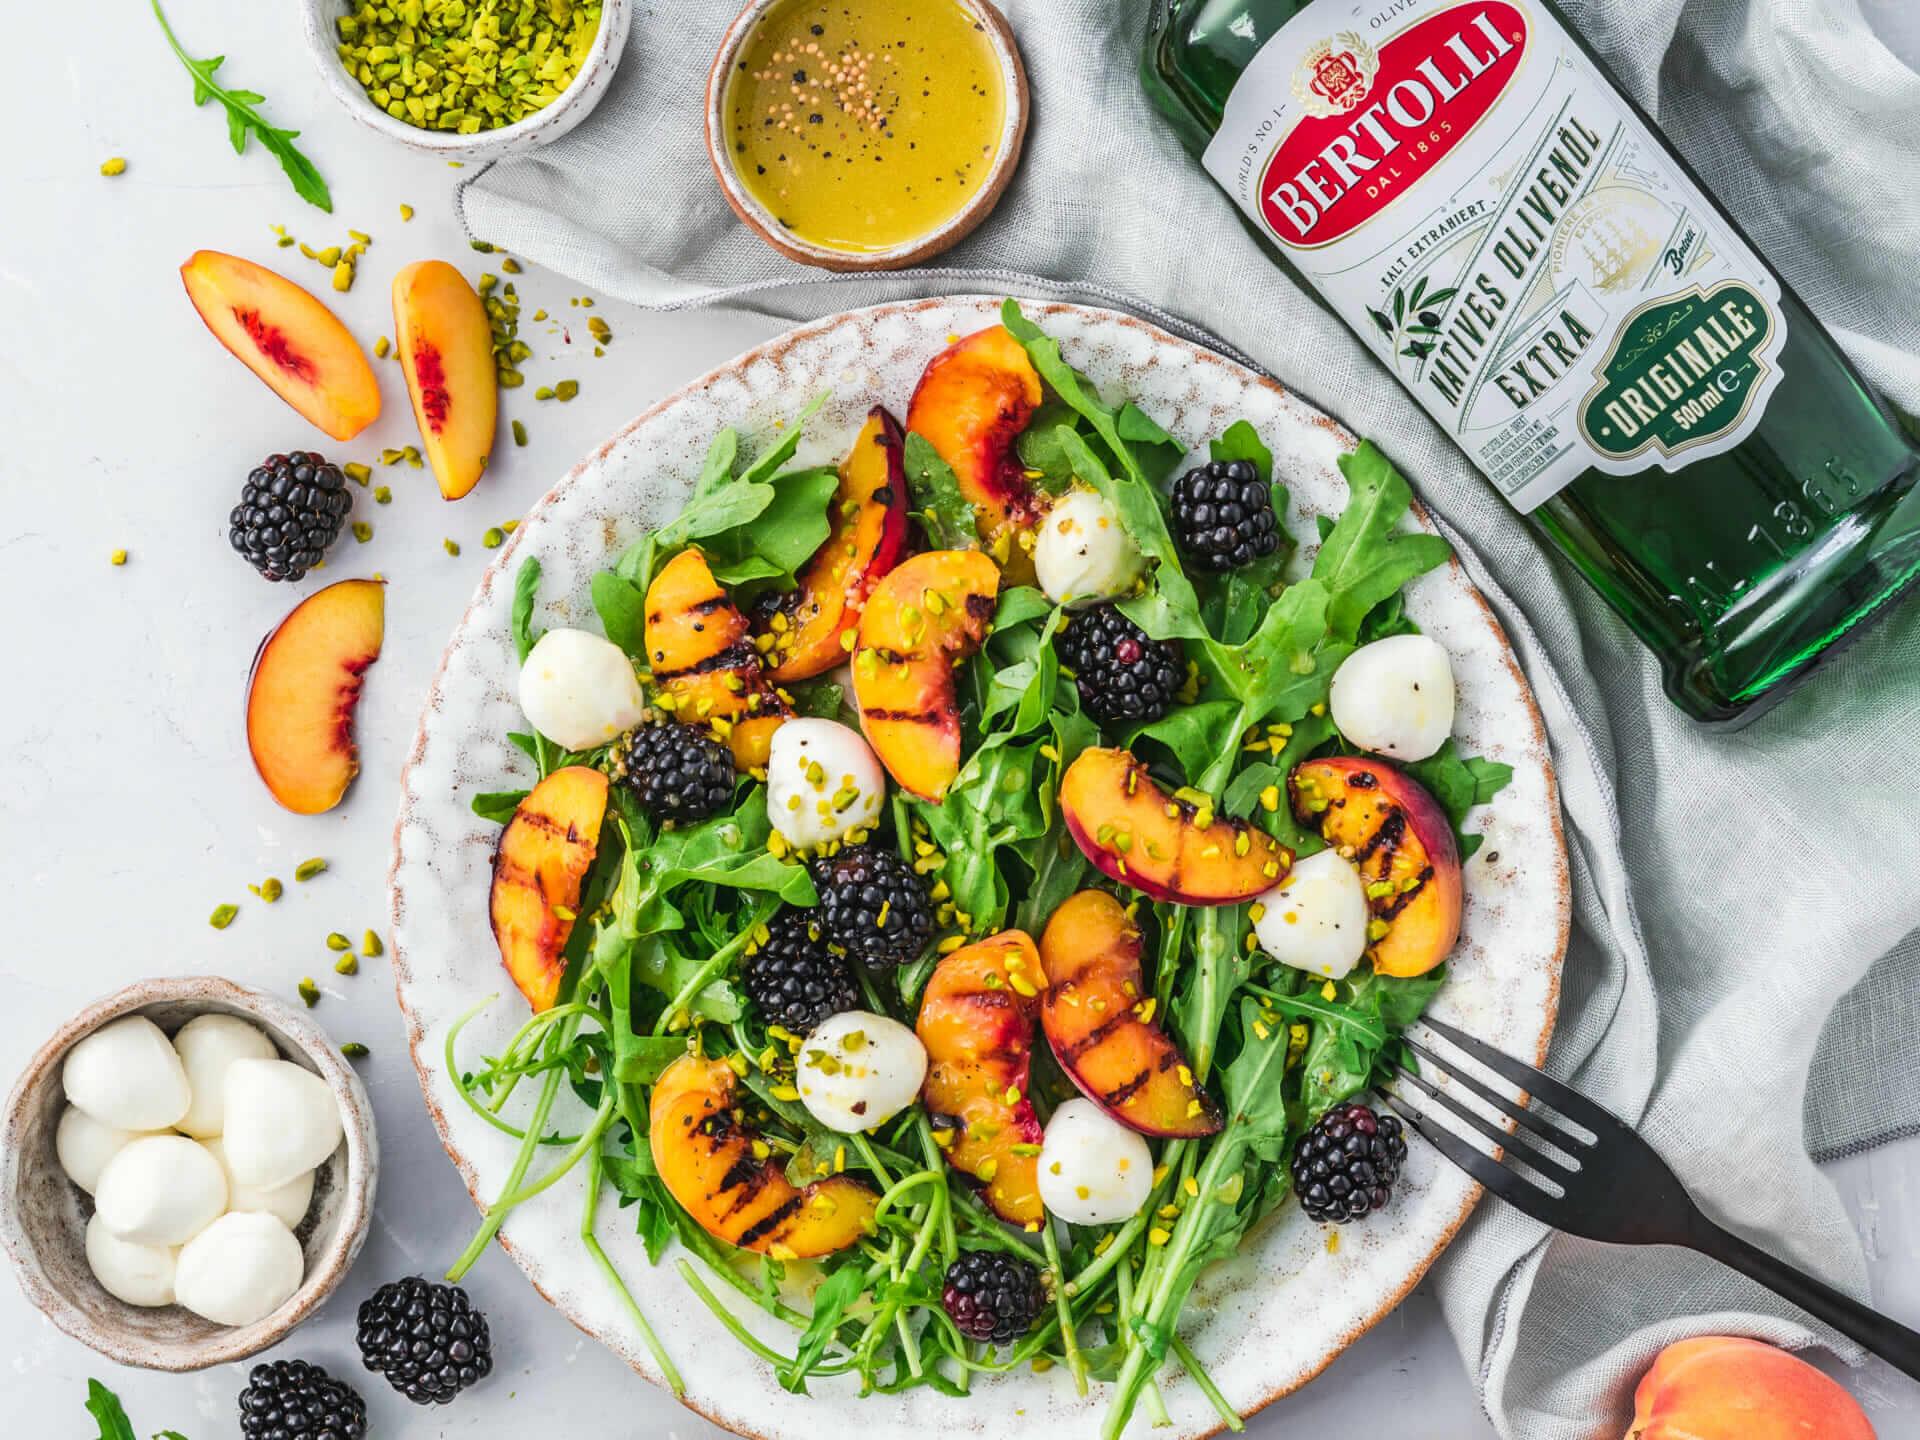 Rucolasalat mit gegrilltem Pfirsich, Mozzarella und Brombeeren - daneben eine Flasche Bertolli Olivenöl